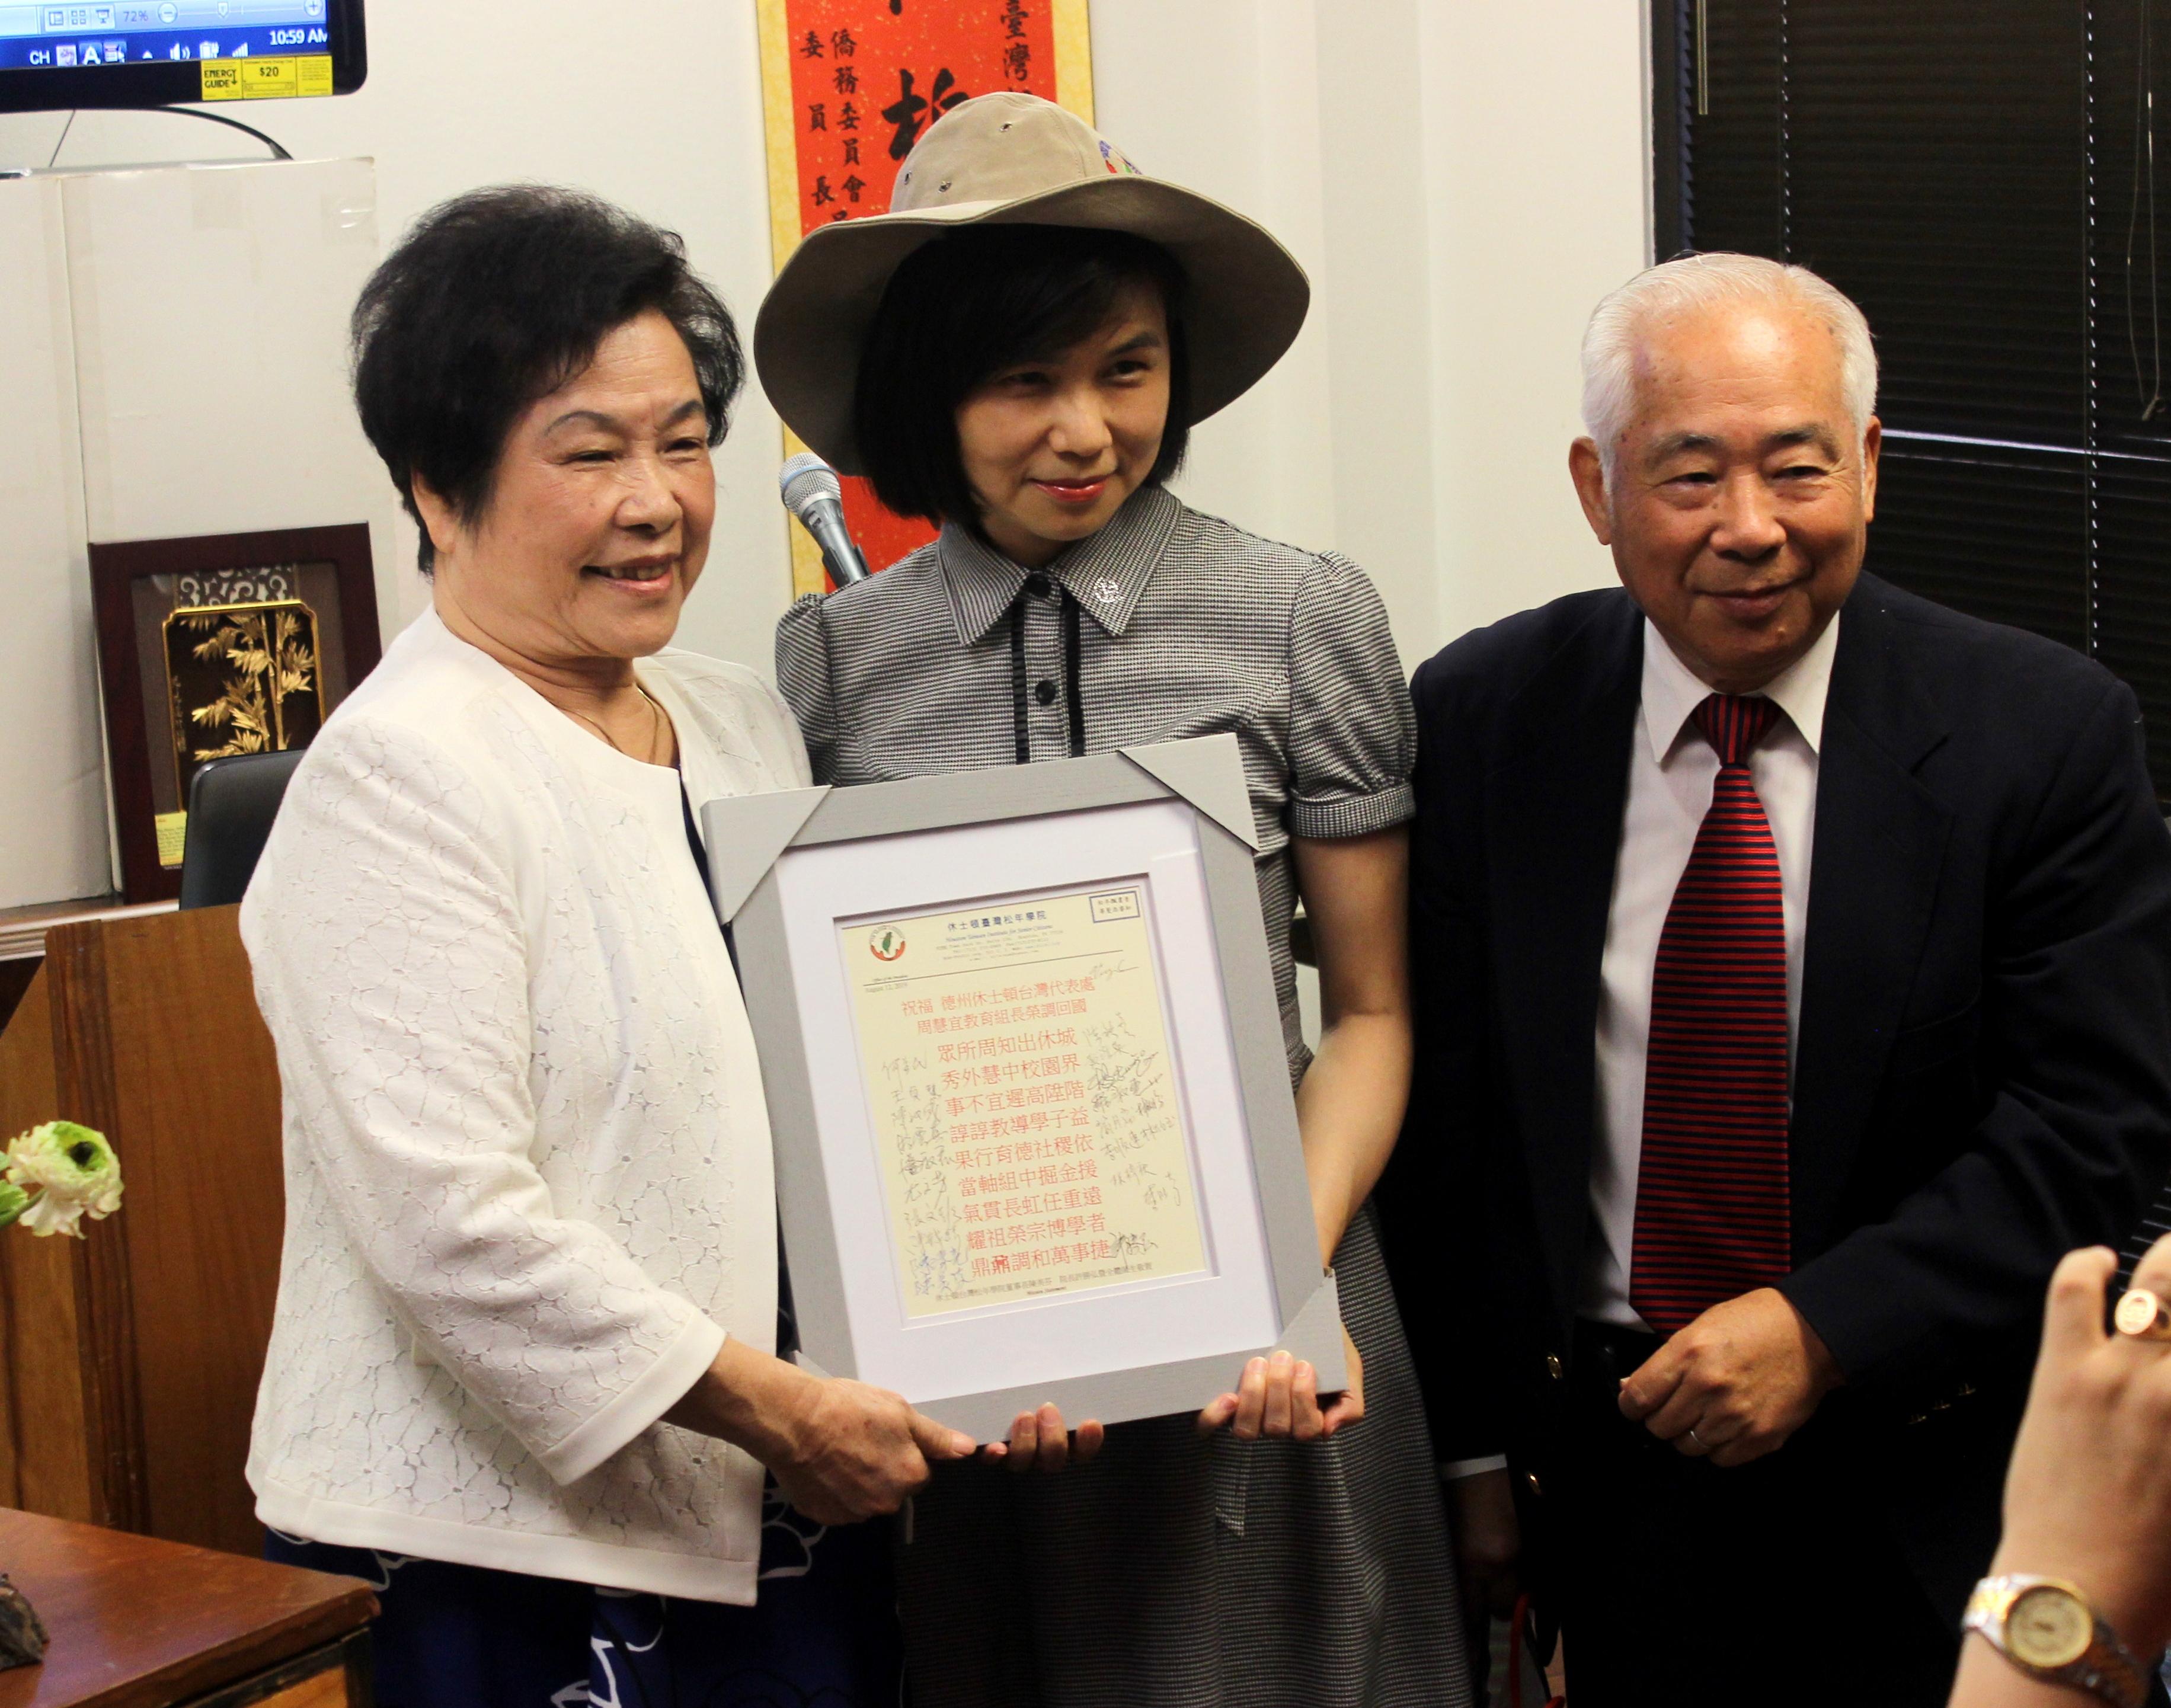 許勝弘(右)和陳美芬(左)贈感謝狀予周慧宜,並以「藏頭詩」表達祝賀。(記者盧淑君/攝影)